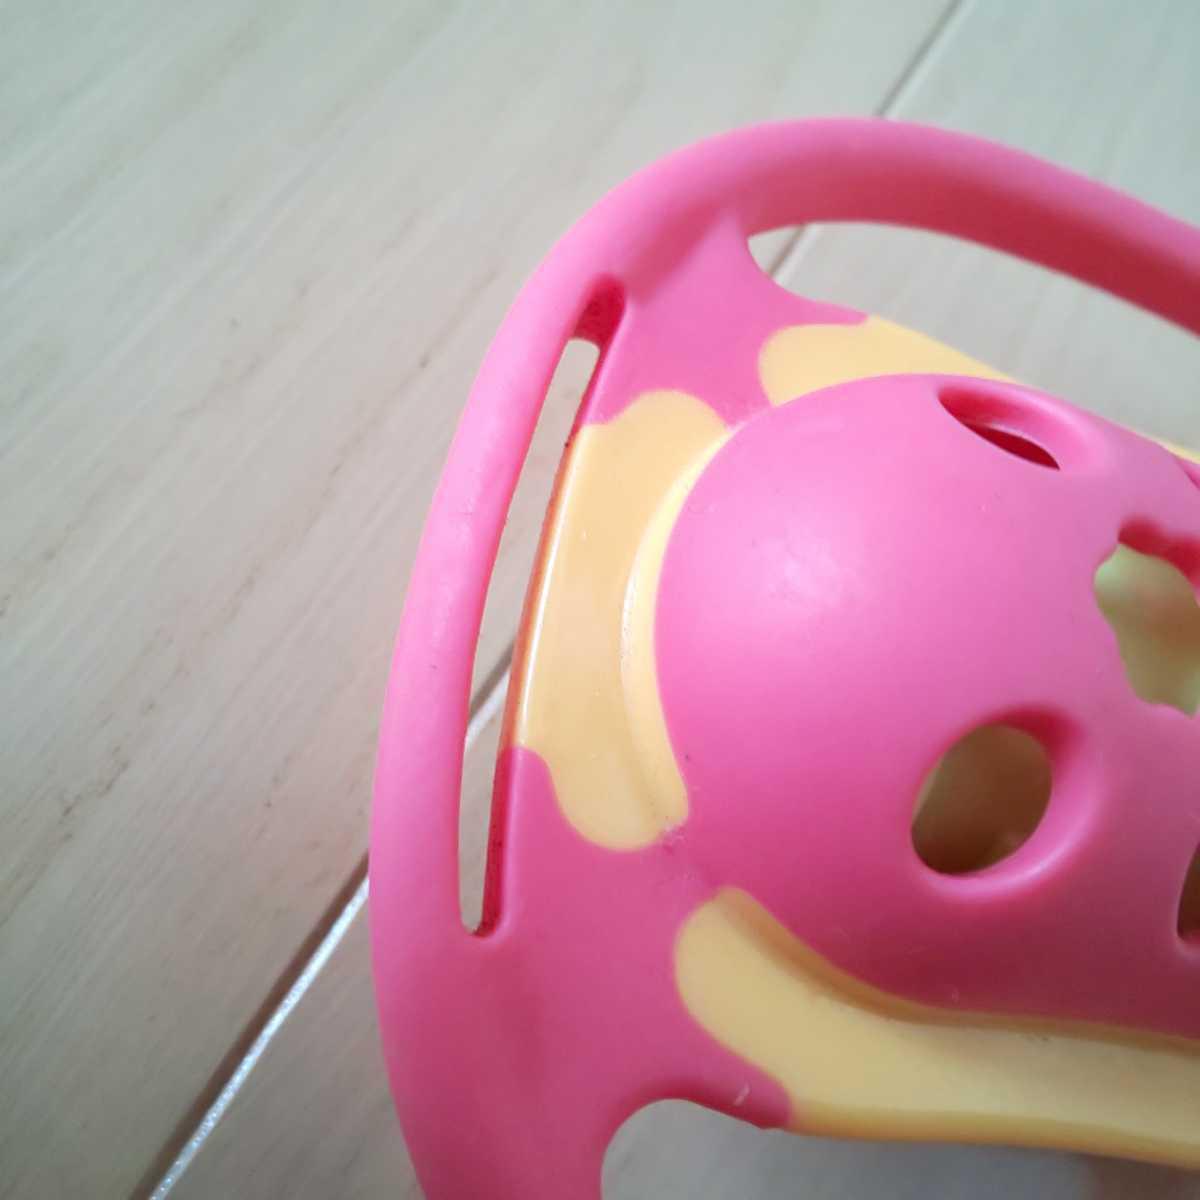 1円スタート! ガラガラ ベビーグッズ 赤ちゃんグッズ 赤ちゃんのおもちゃ 音のなるおもちゃ グッズ akichan7777jp_画像5